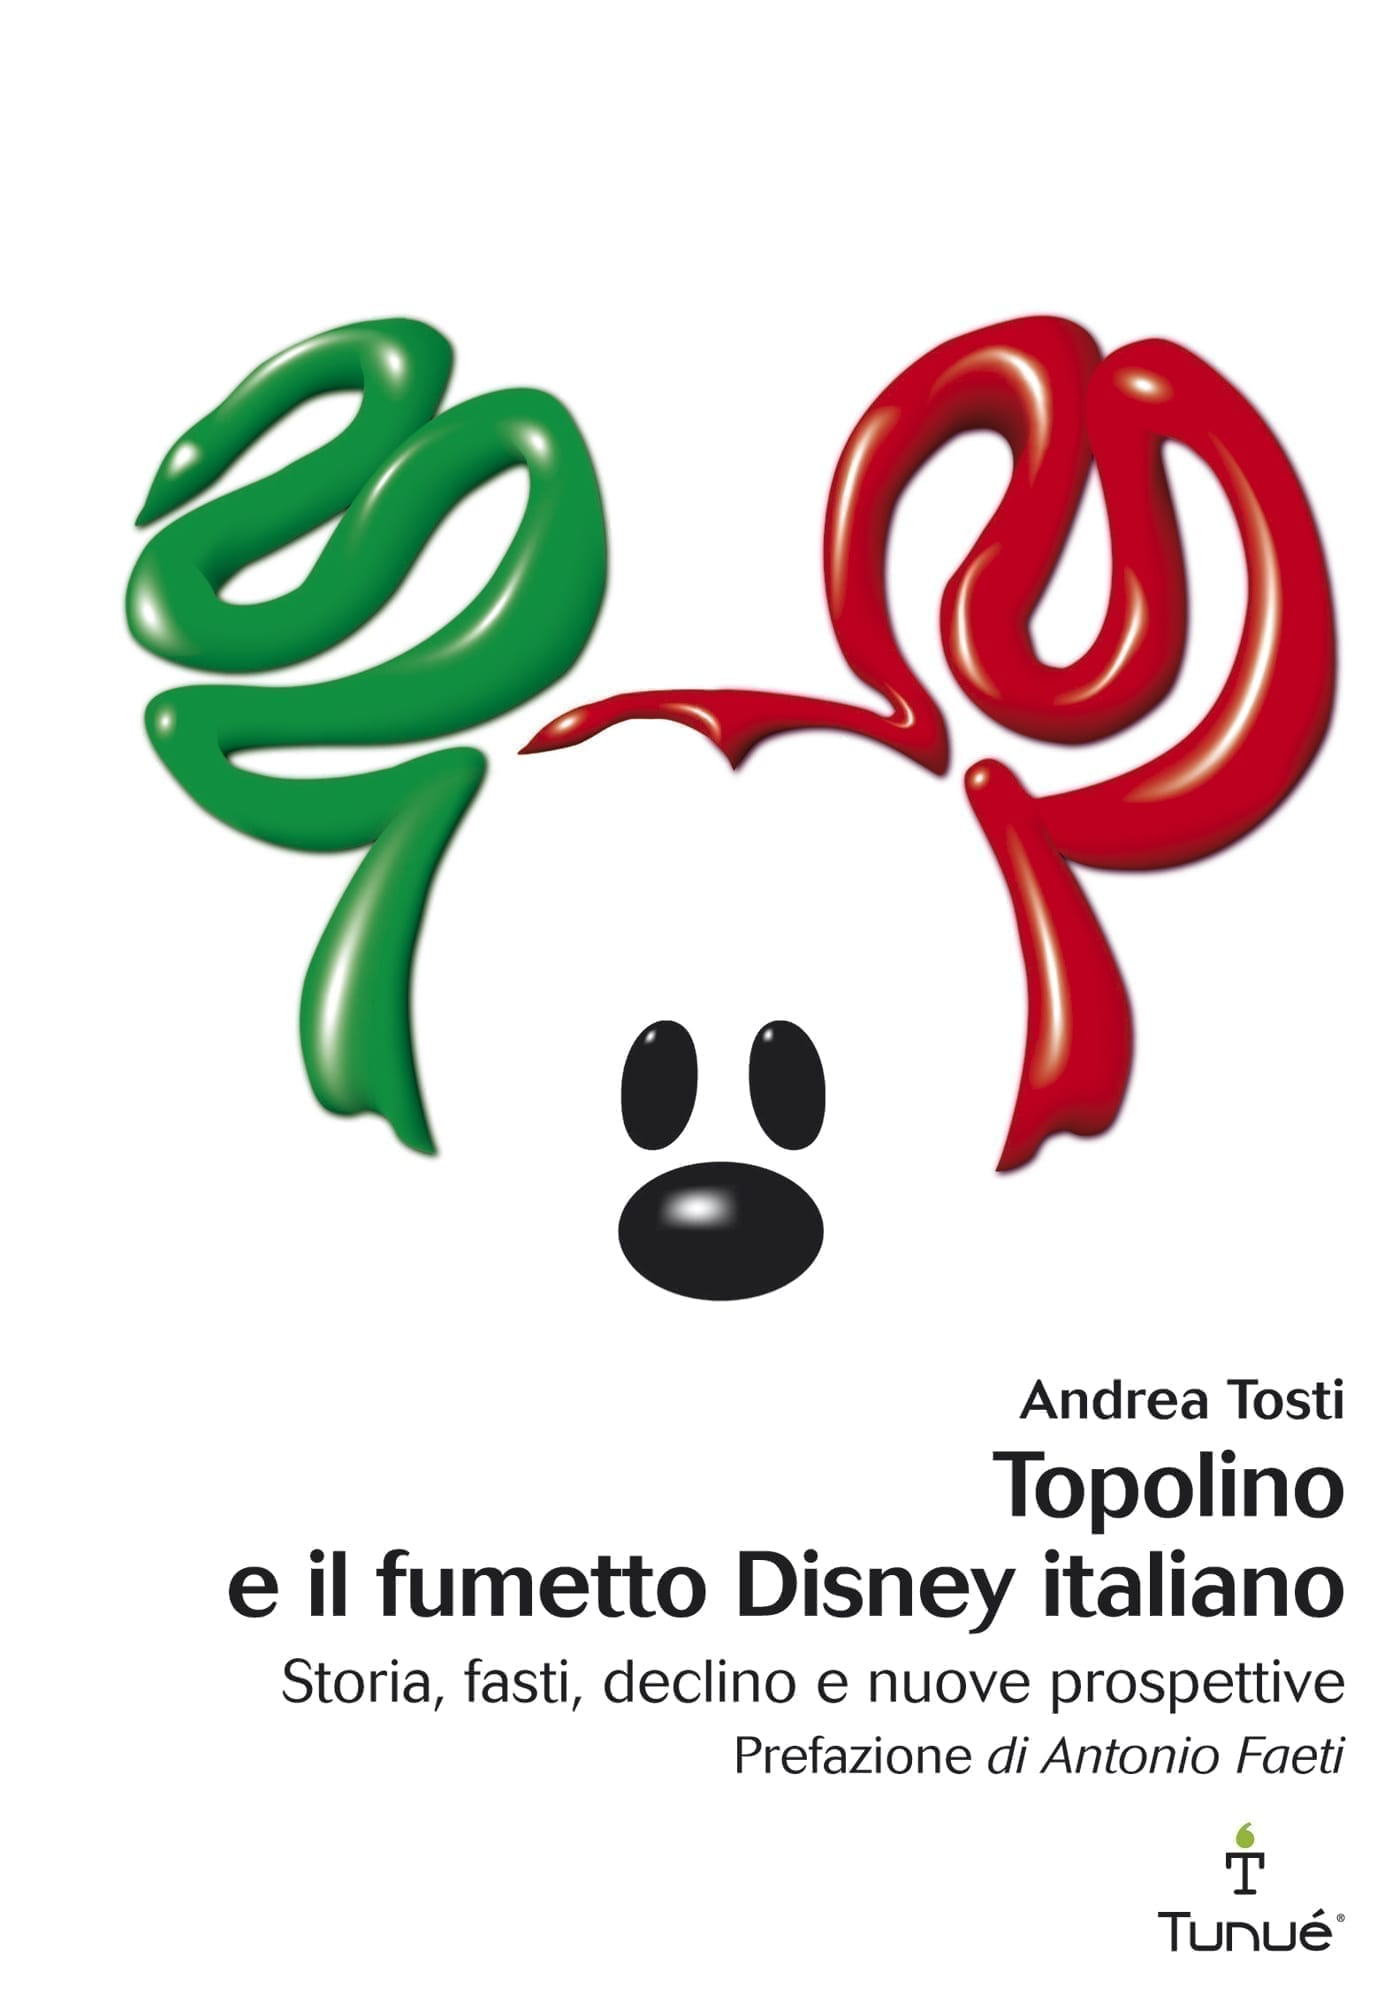 topolino e il fumetto italiano andrea tosti